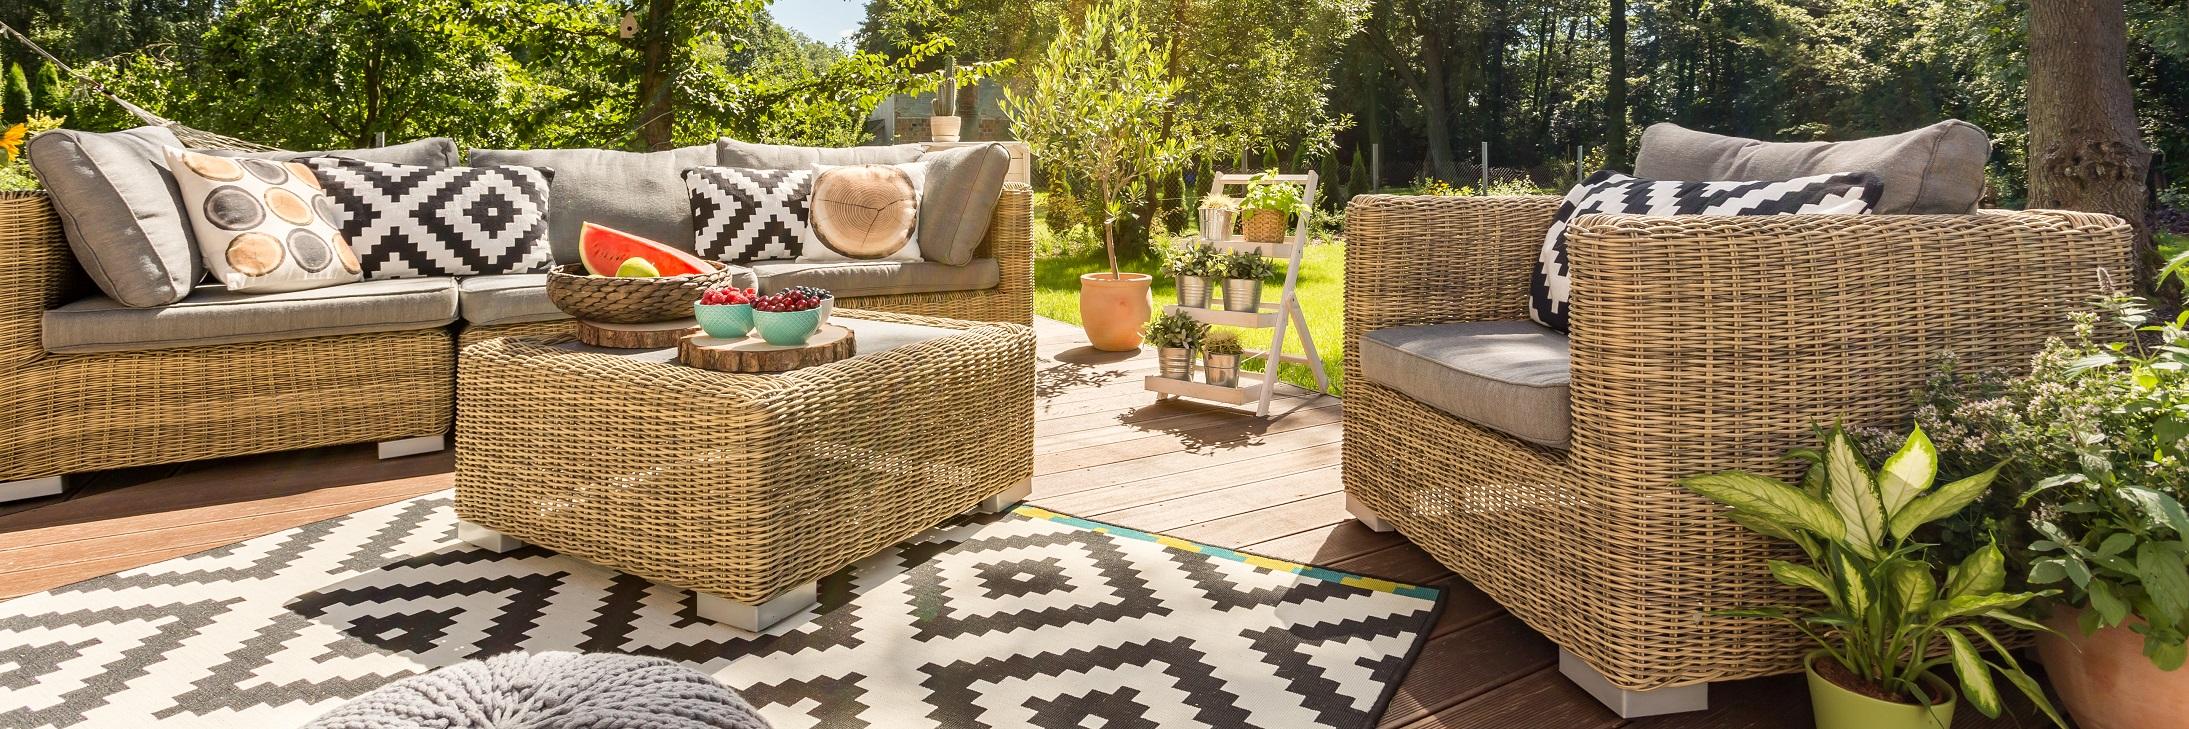 Zestaw mebli wypoczynkowych do ogrodu